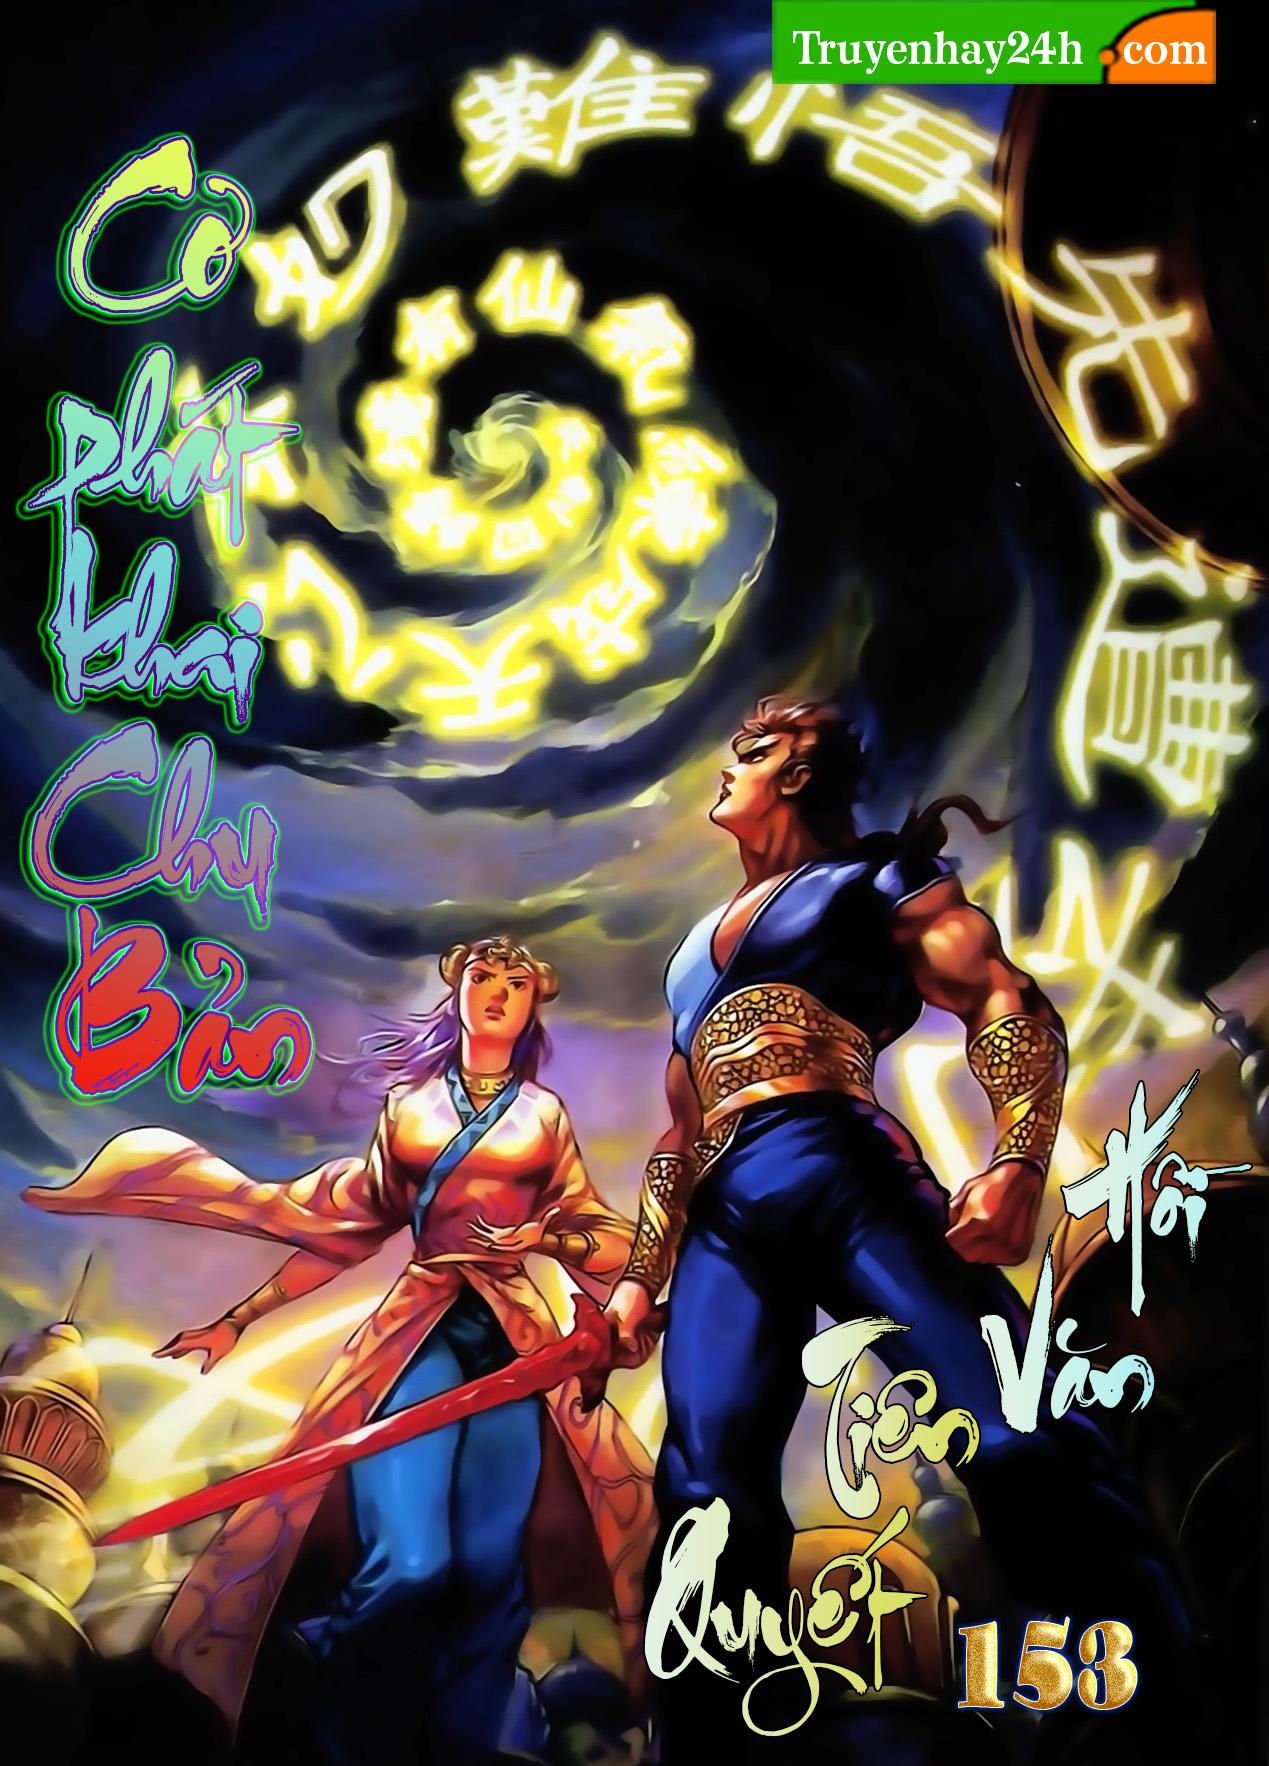 Cơ Phát Khai Chu Bản chapter 153 trang 1